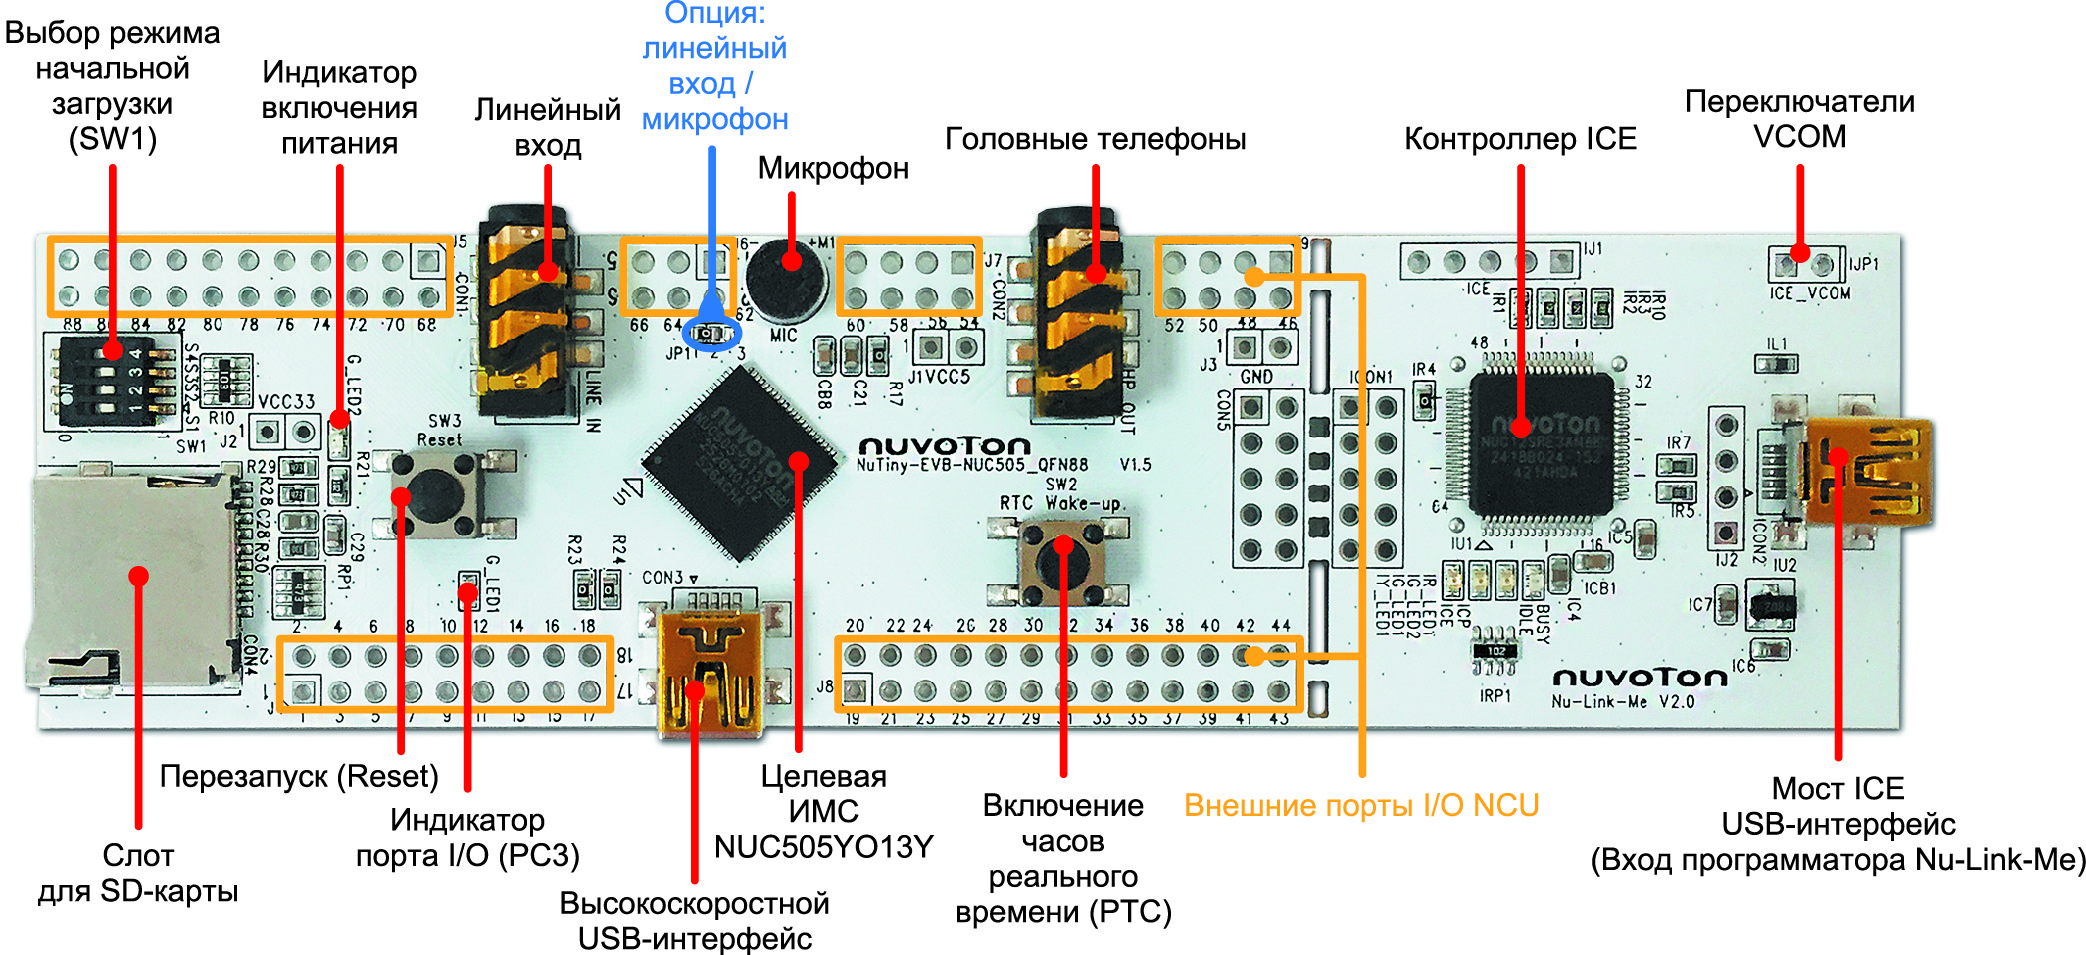 Отладочная плата NuTiny-SDK-NUC505 с микроконтроллером NUC505YO13Y